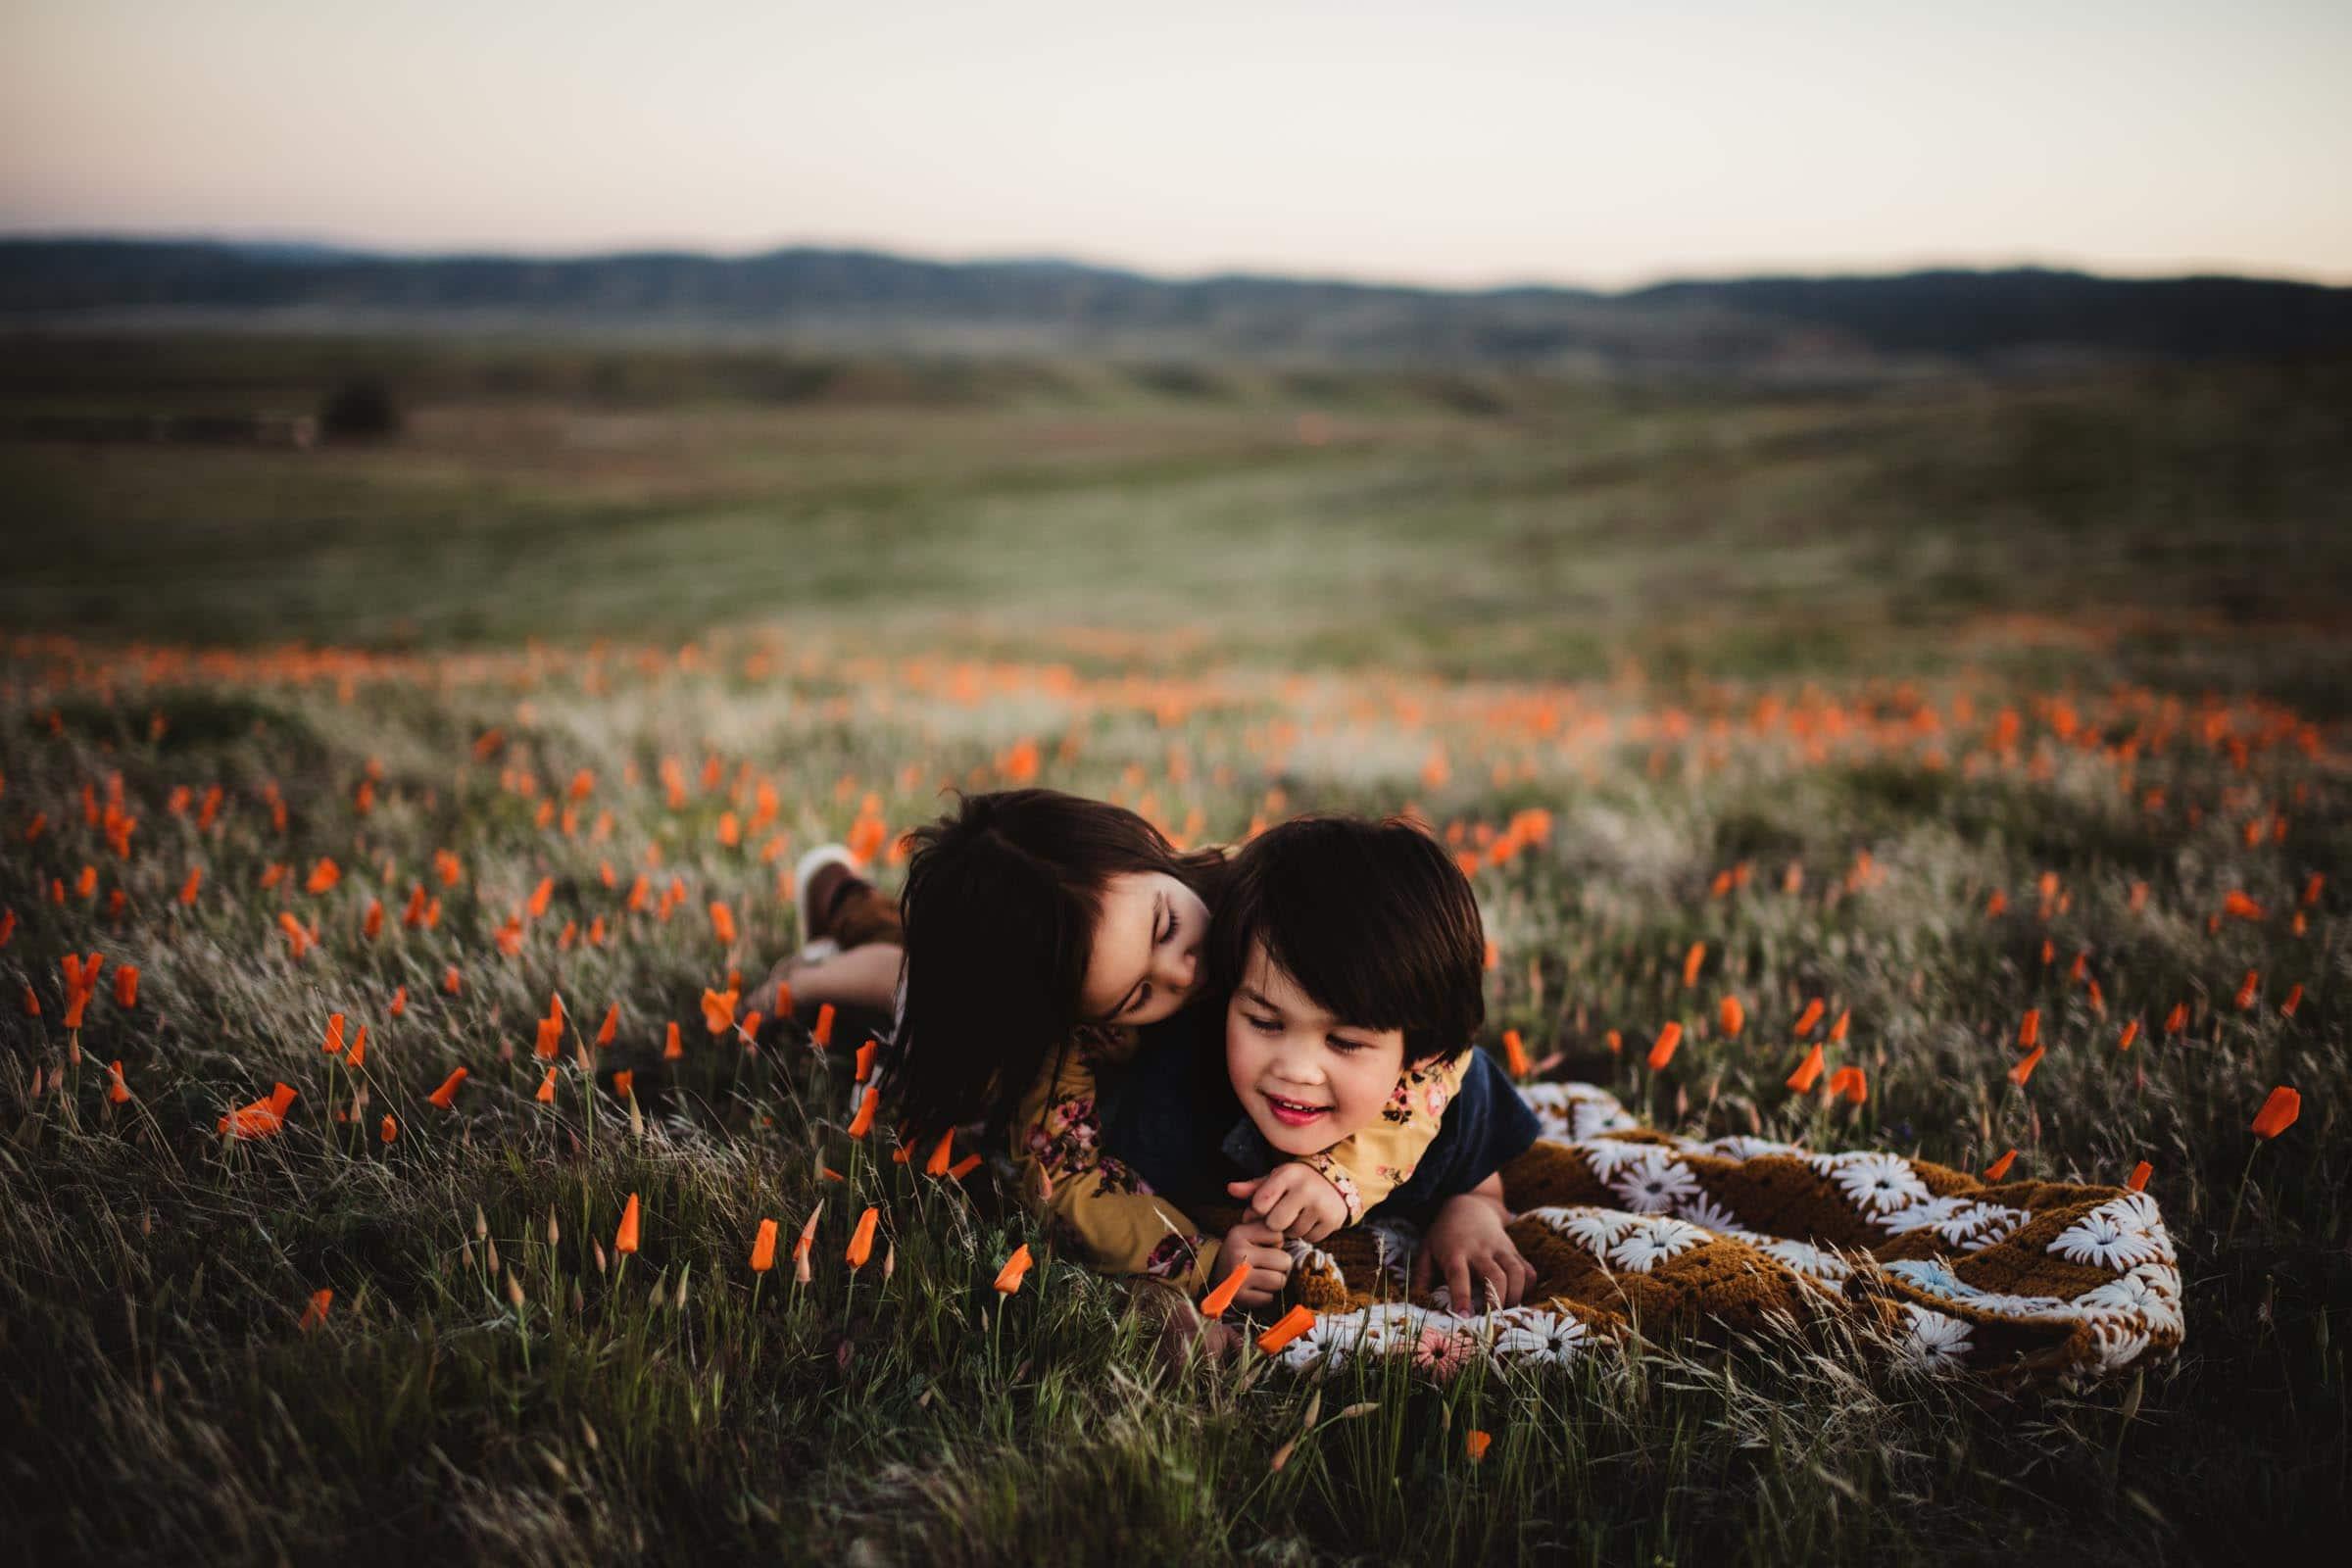 Little Boy in Orange Flower Field